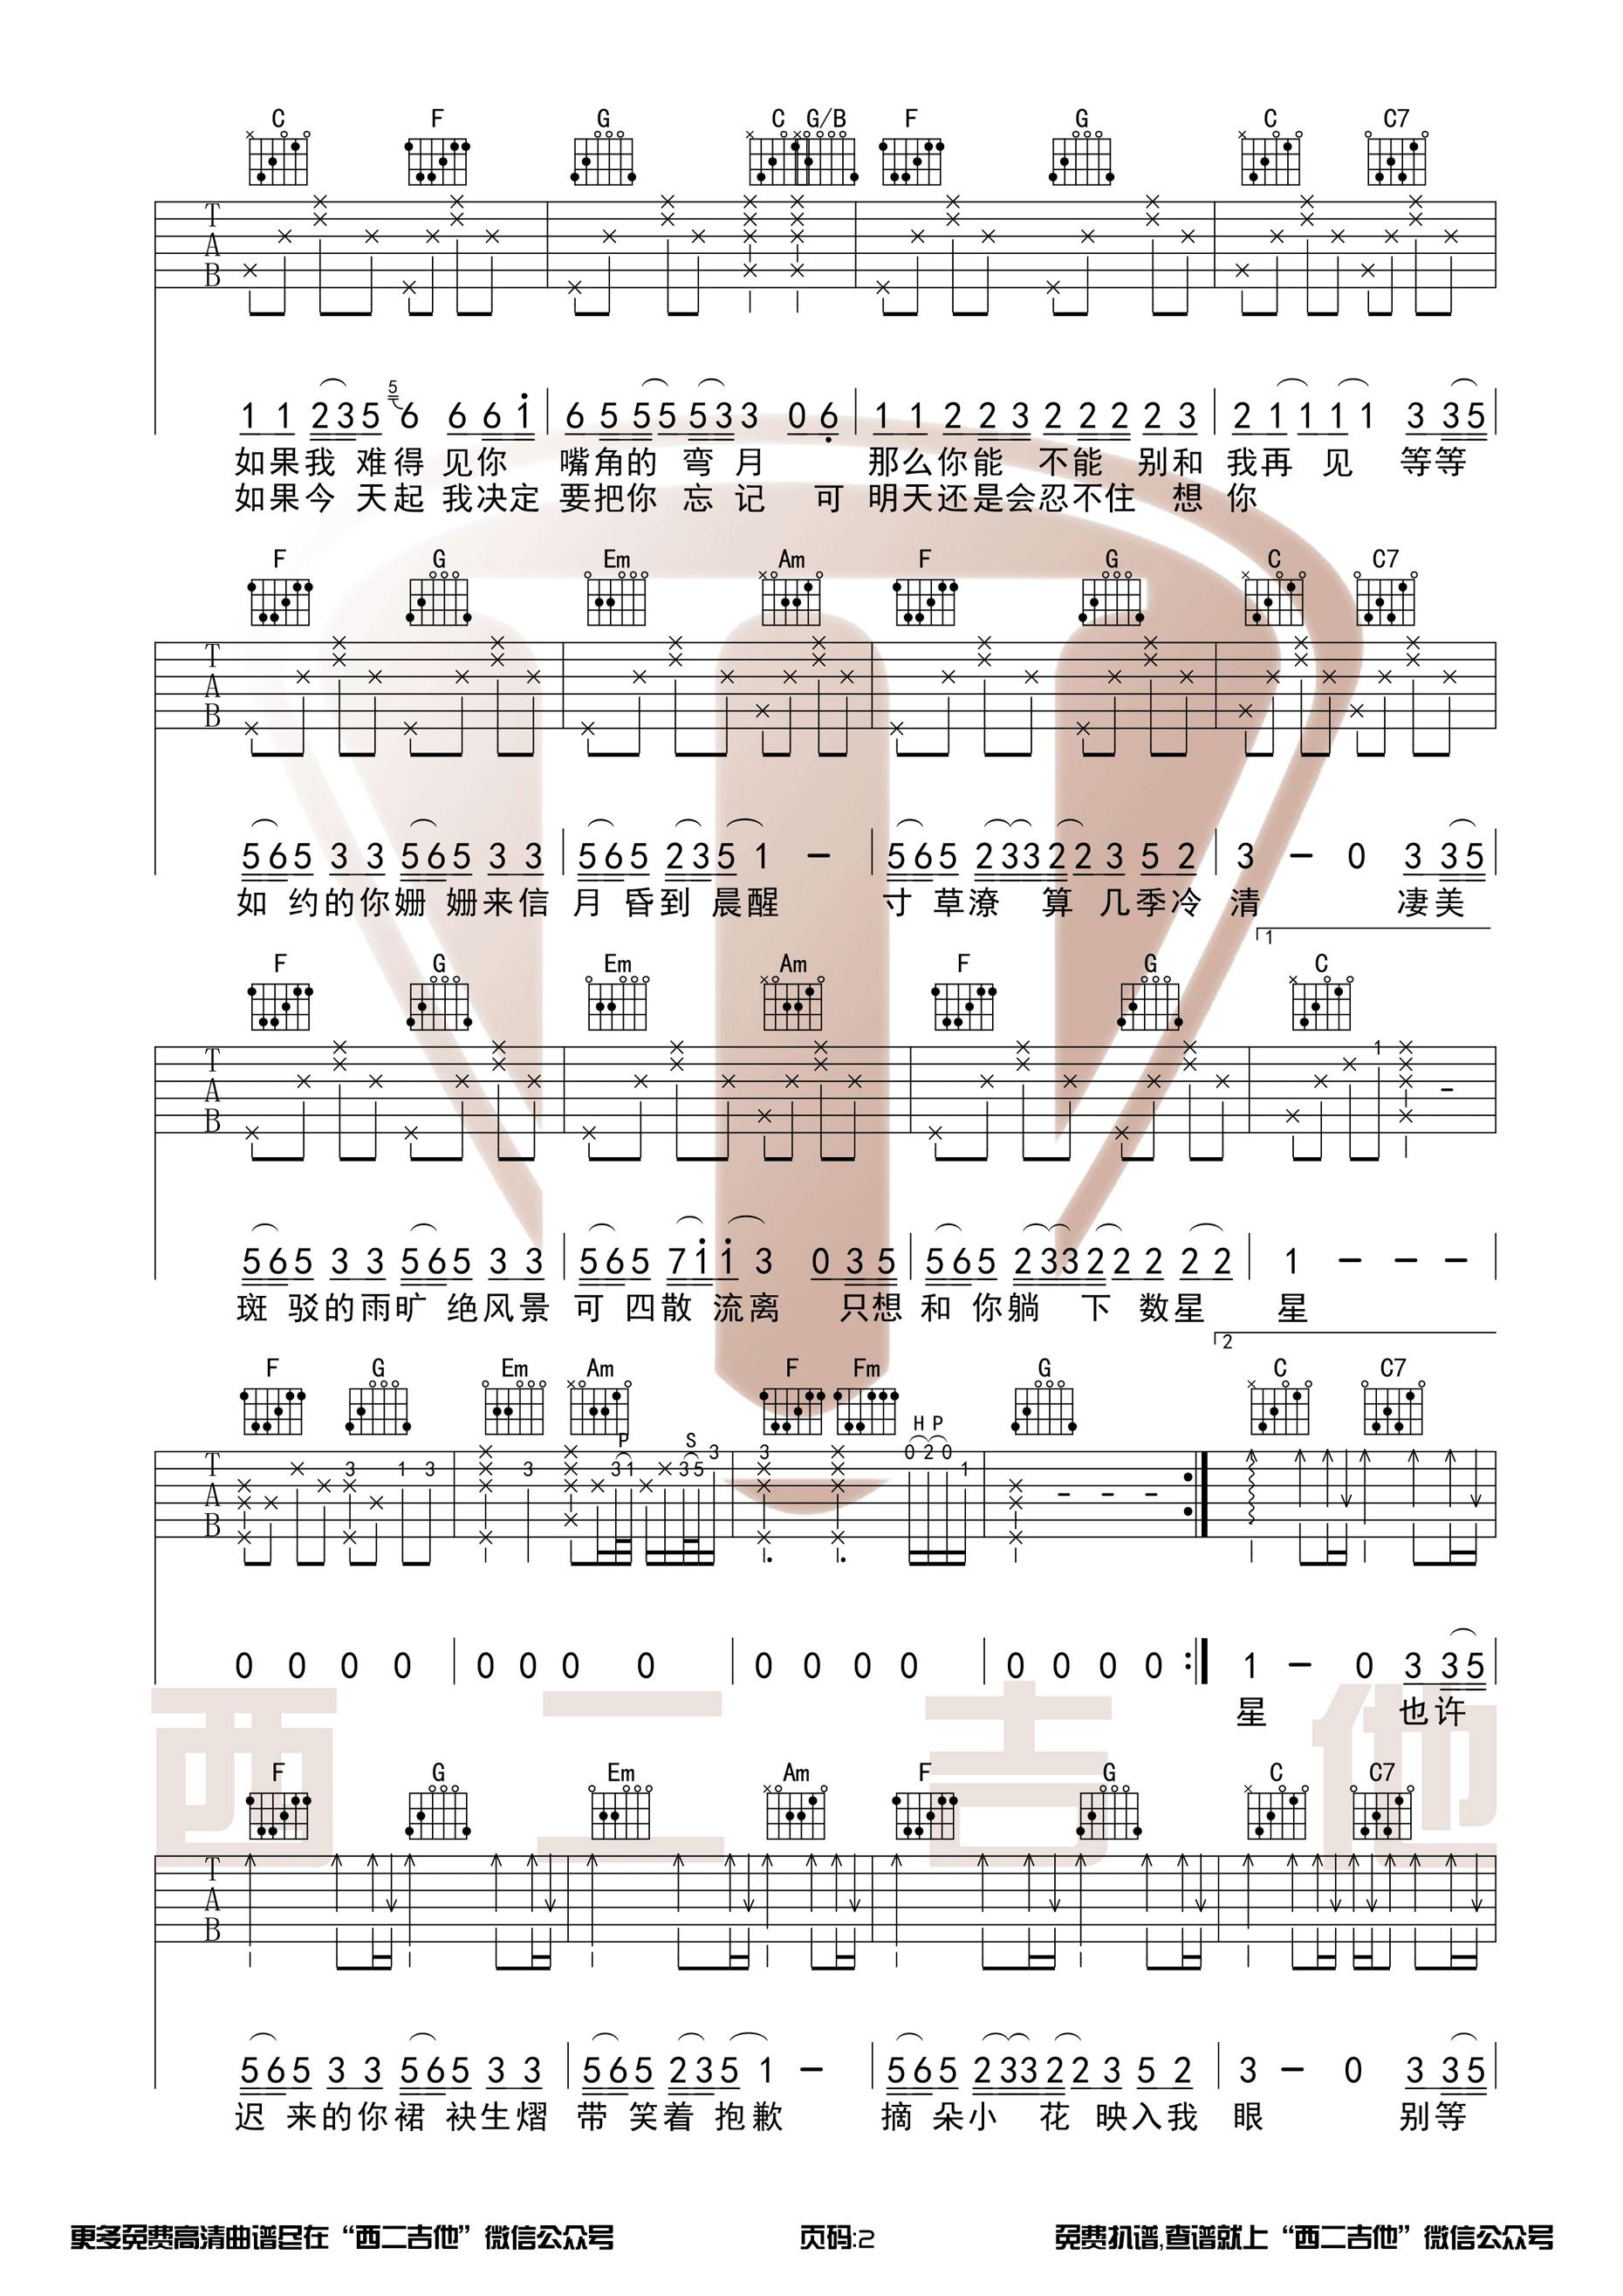 如約-慄先達-图片吉他谱-2